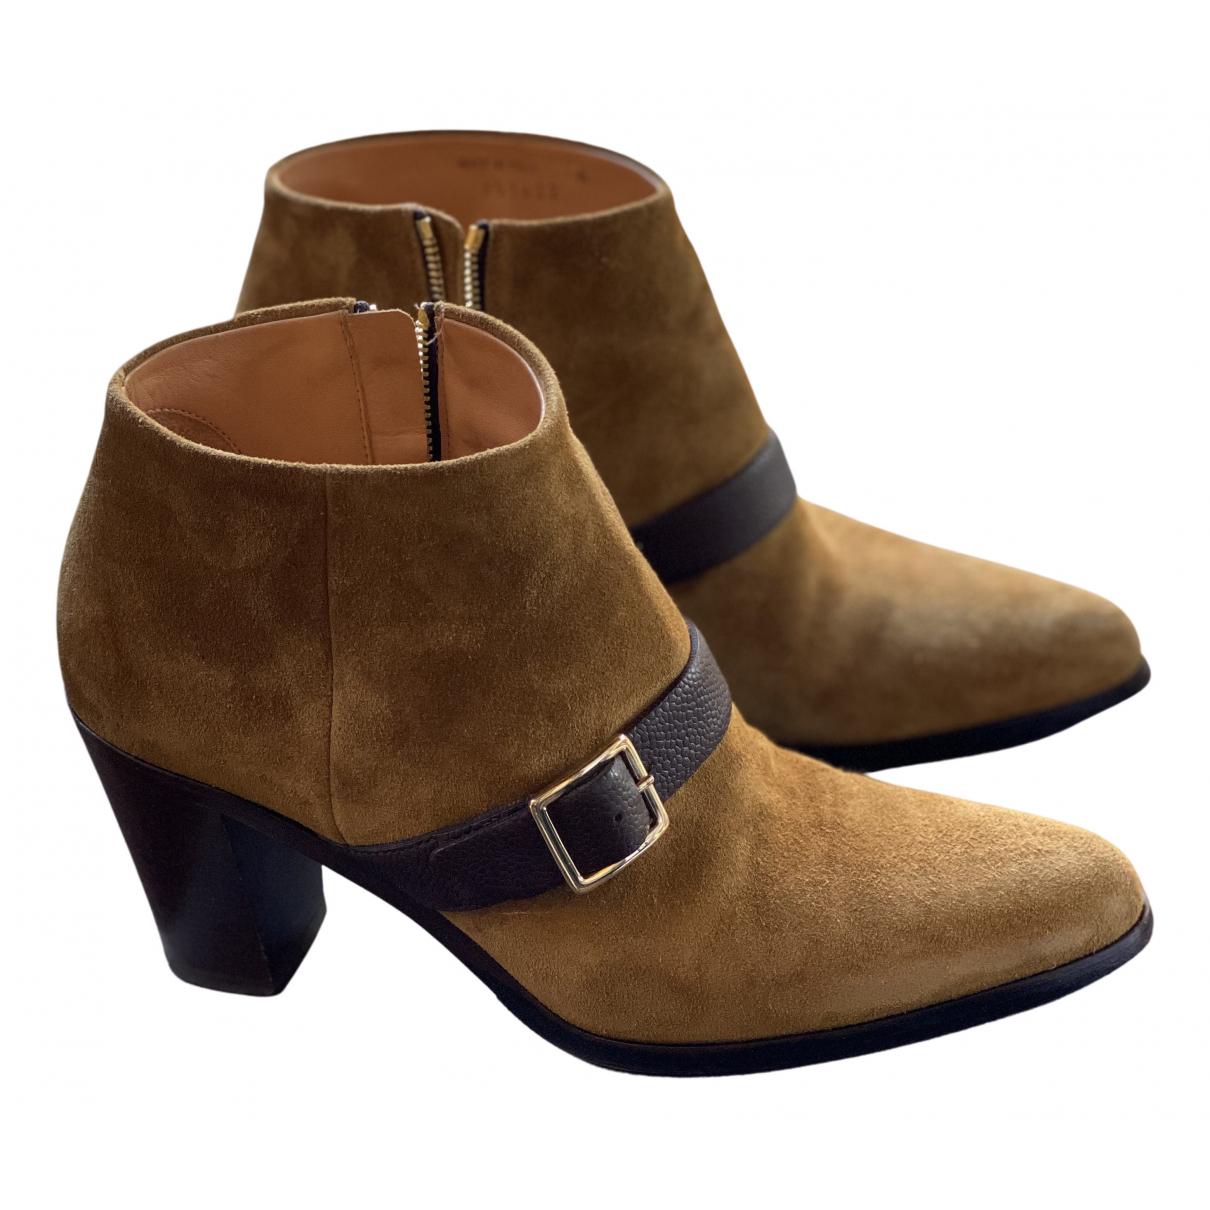 Heschung - Bottes   pour femme en velours - marron